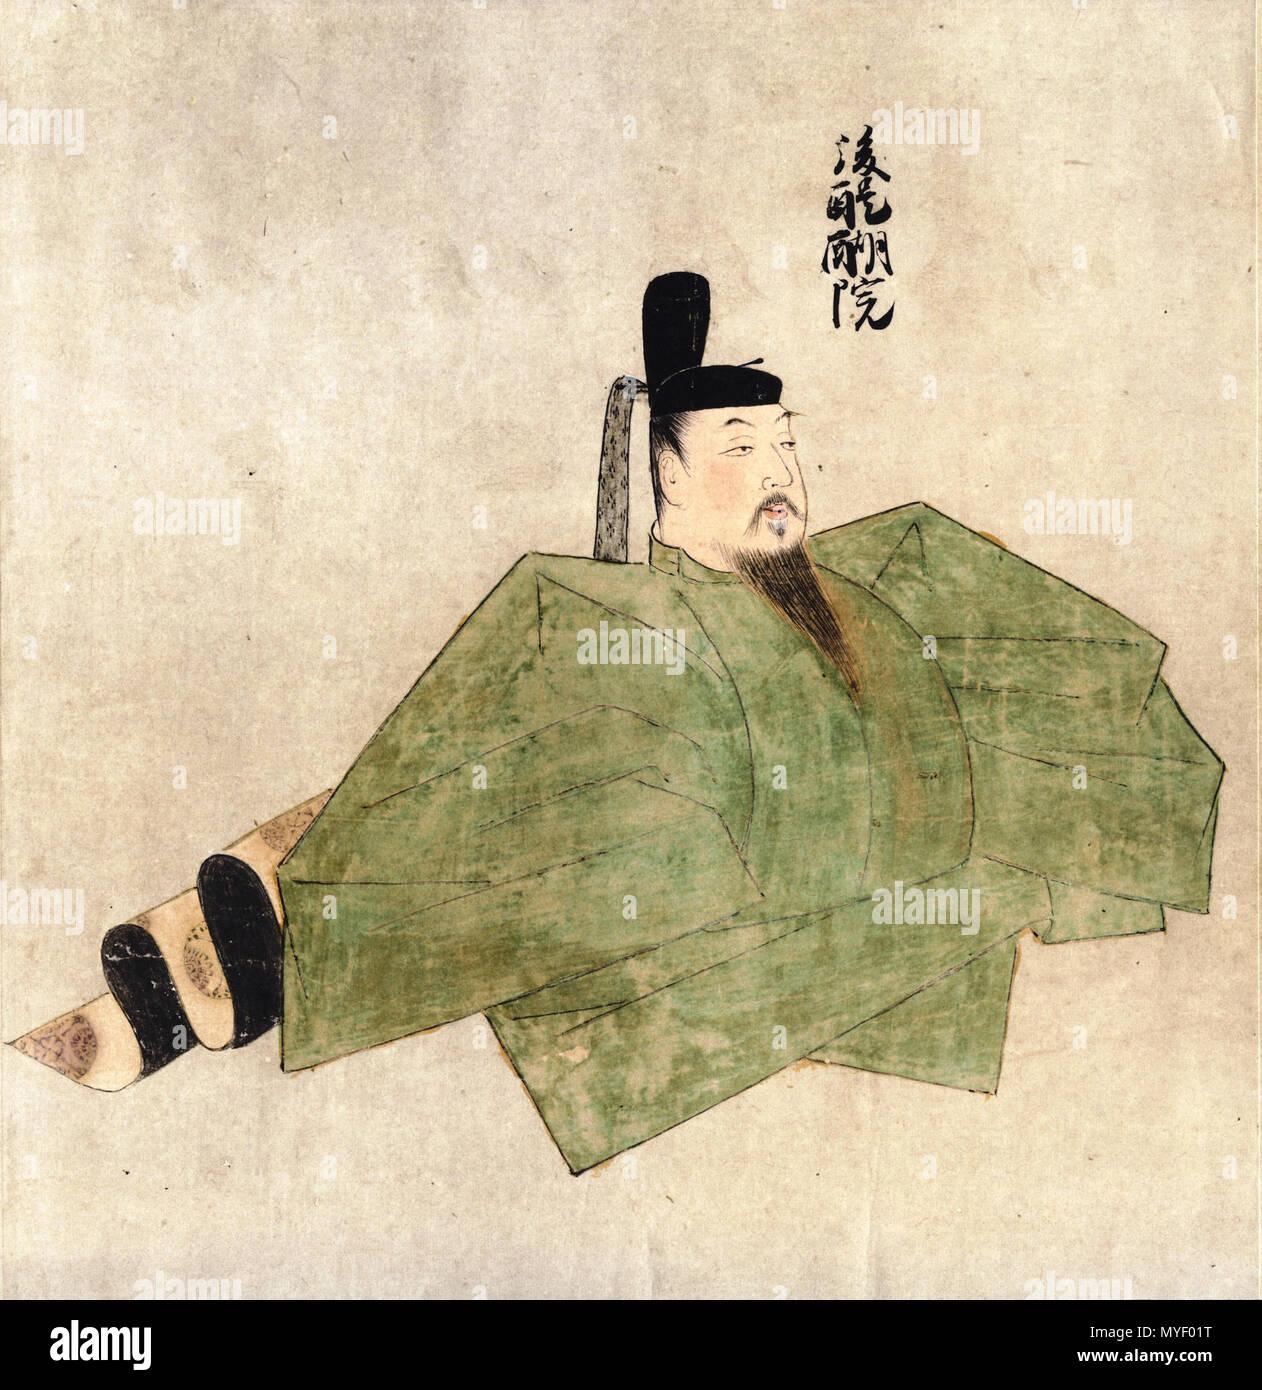 日本語: 後醍醐天皇像(『天子摂...